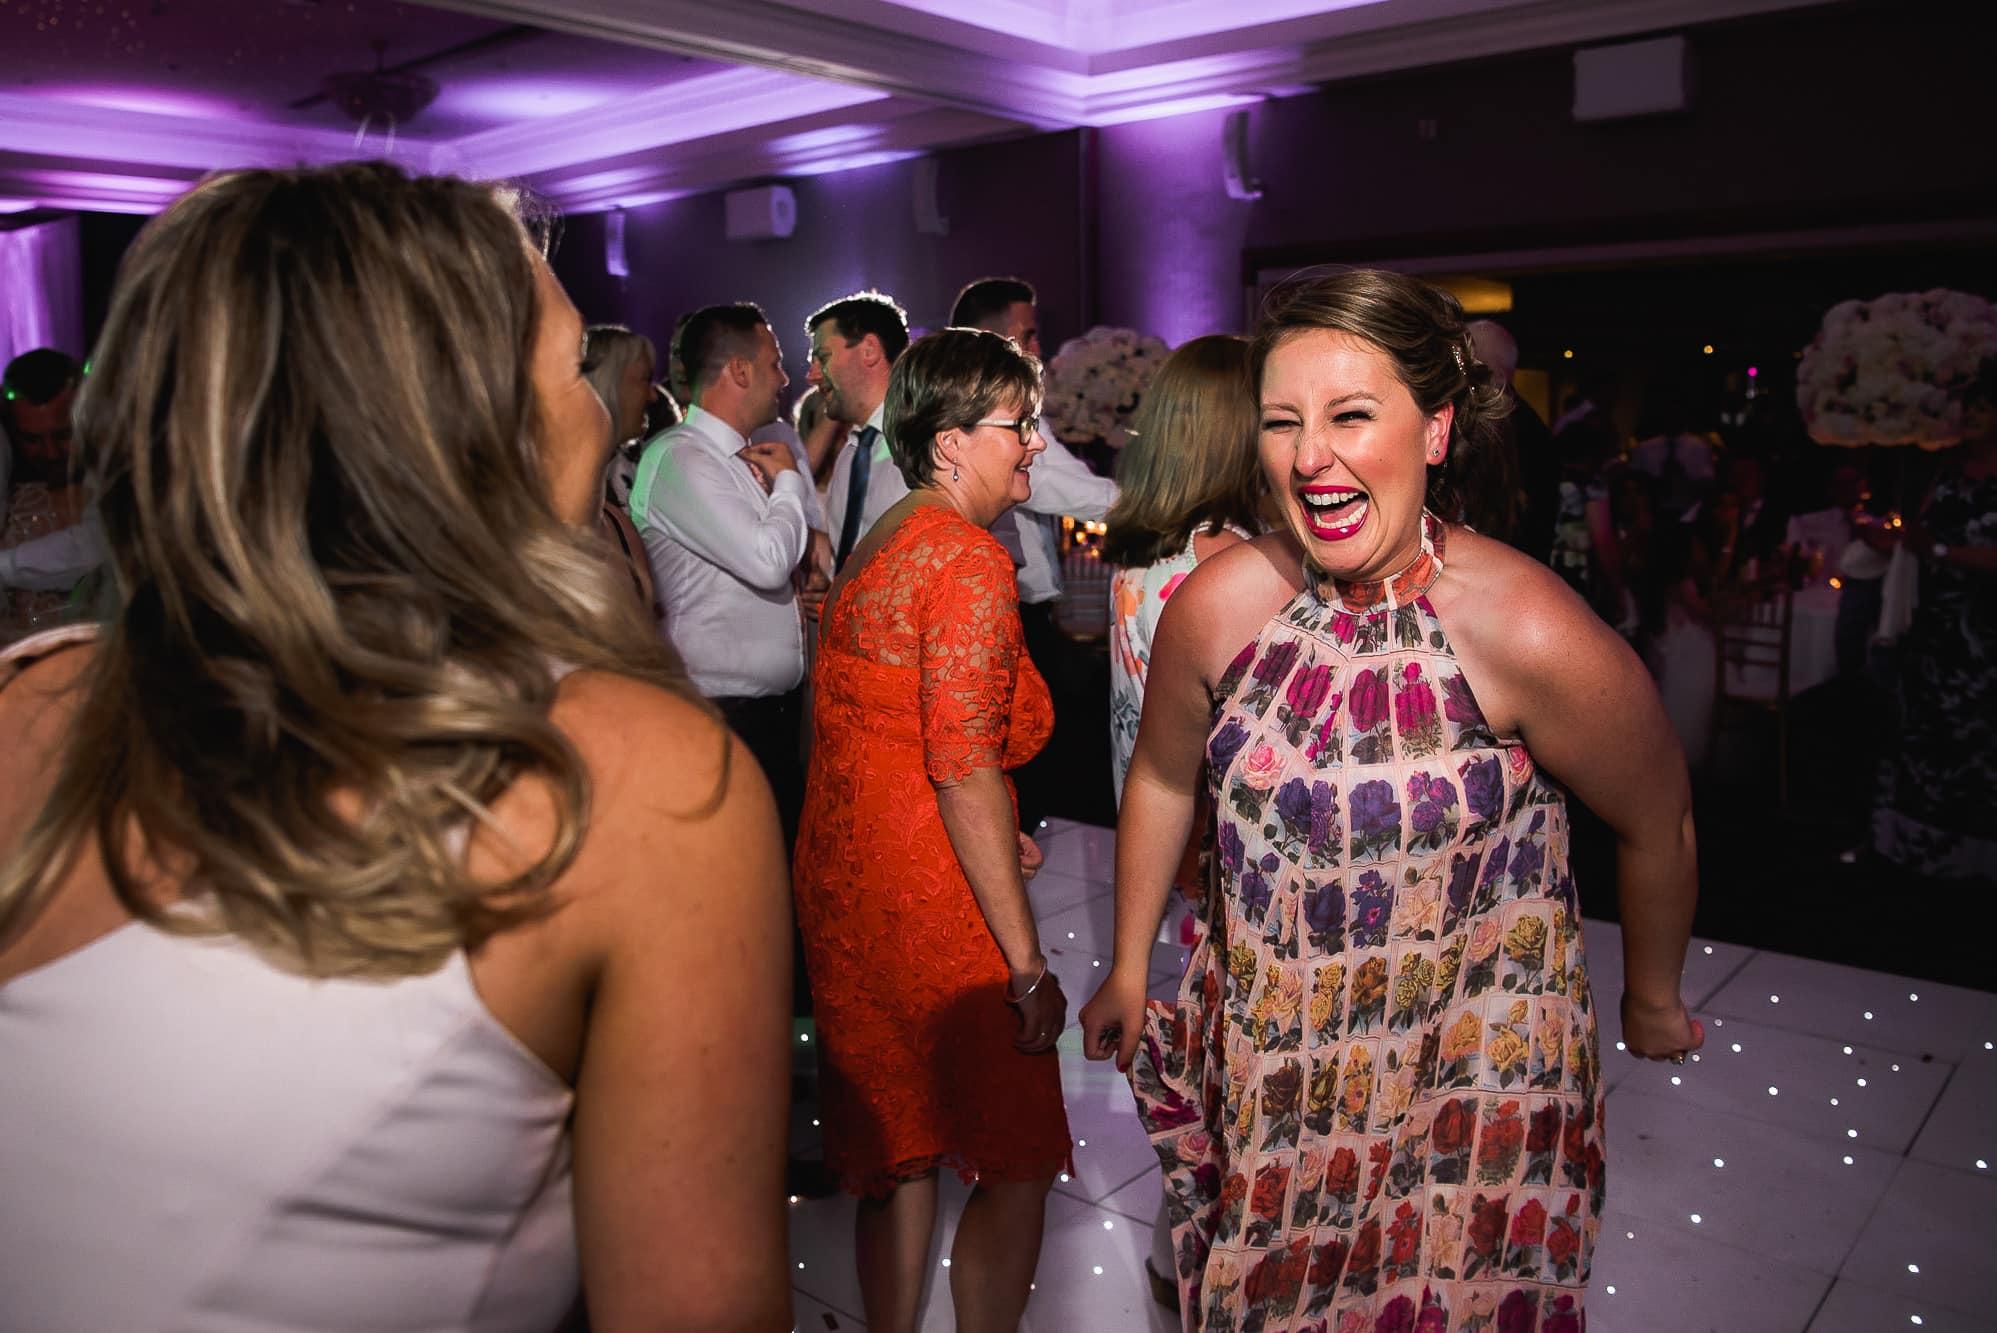 Women having fun on the dance floor